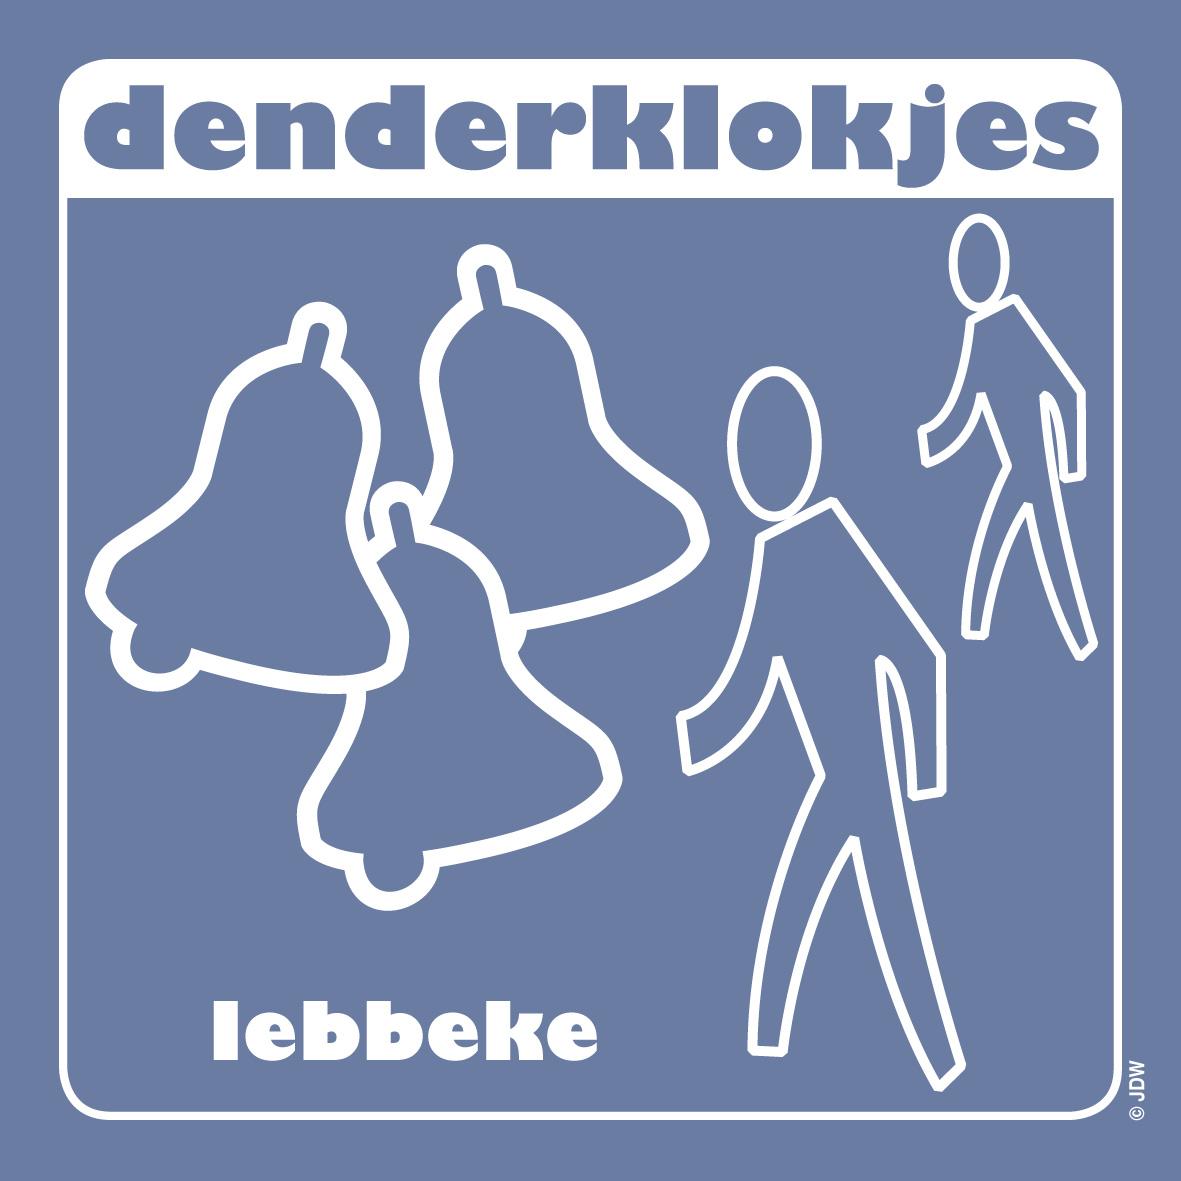 WJC Denderklokjes Lebbeke